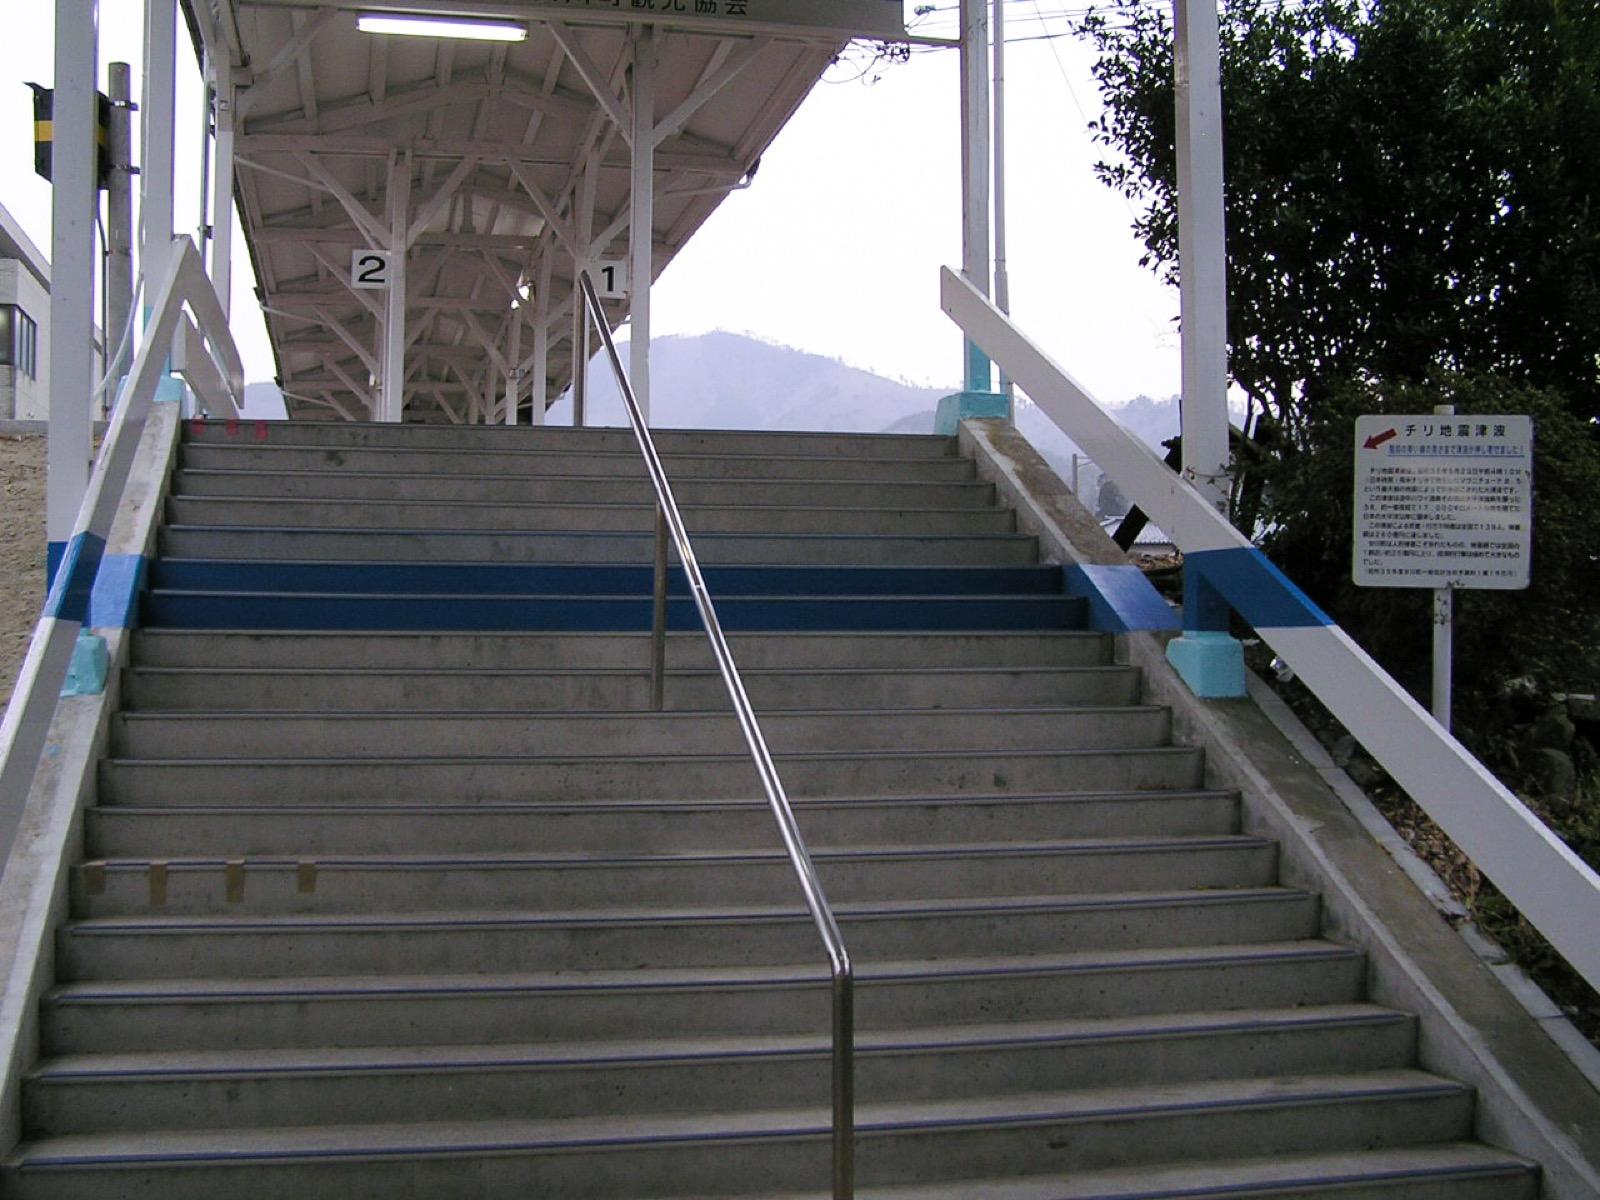 震災前の女川駅にあった、チリ地震津波の記録(2007年3月)